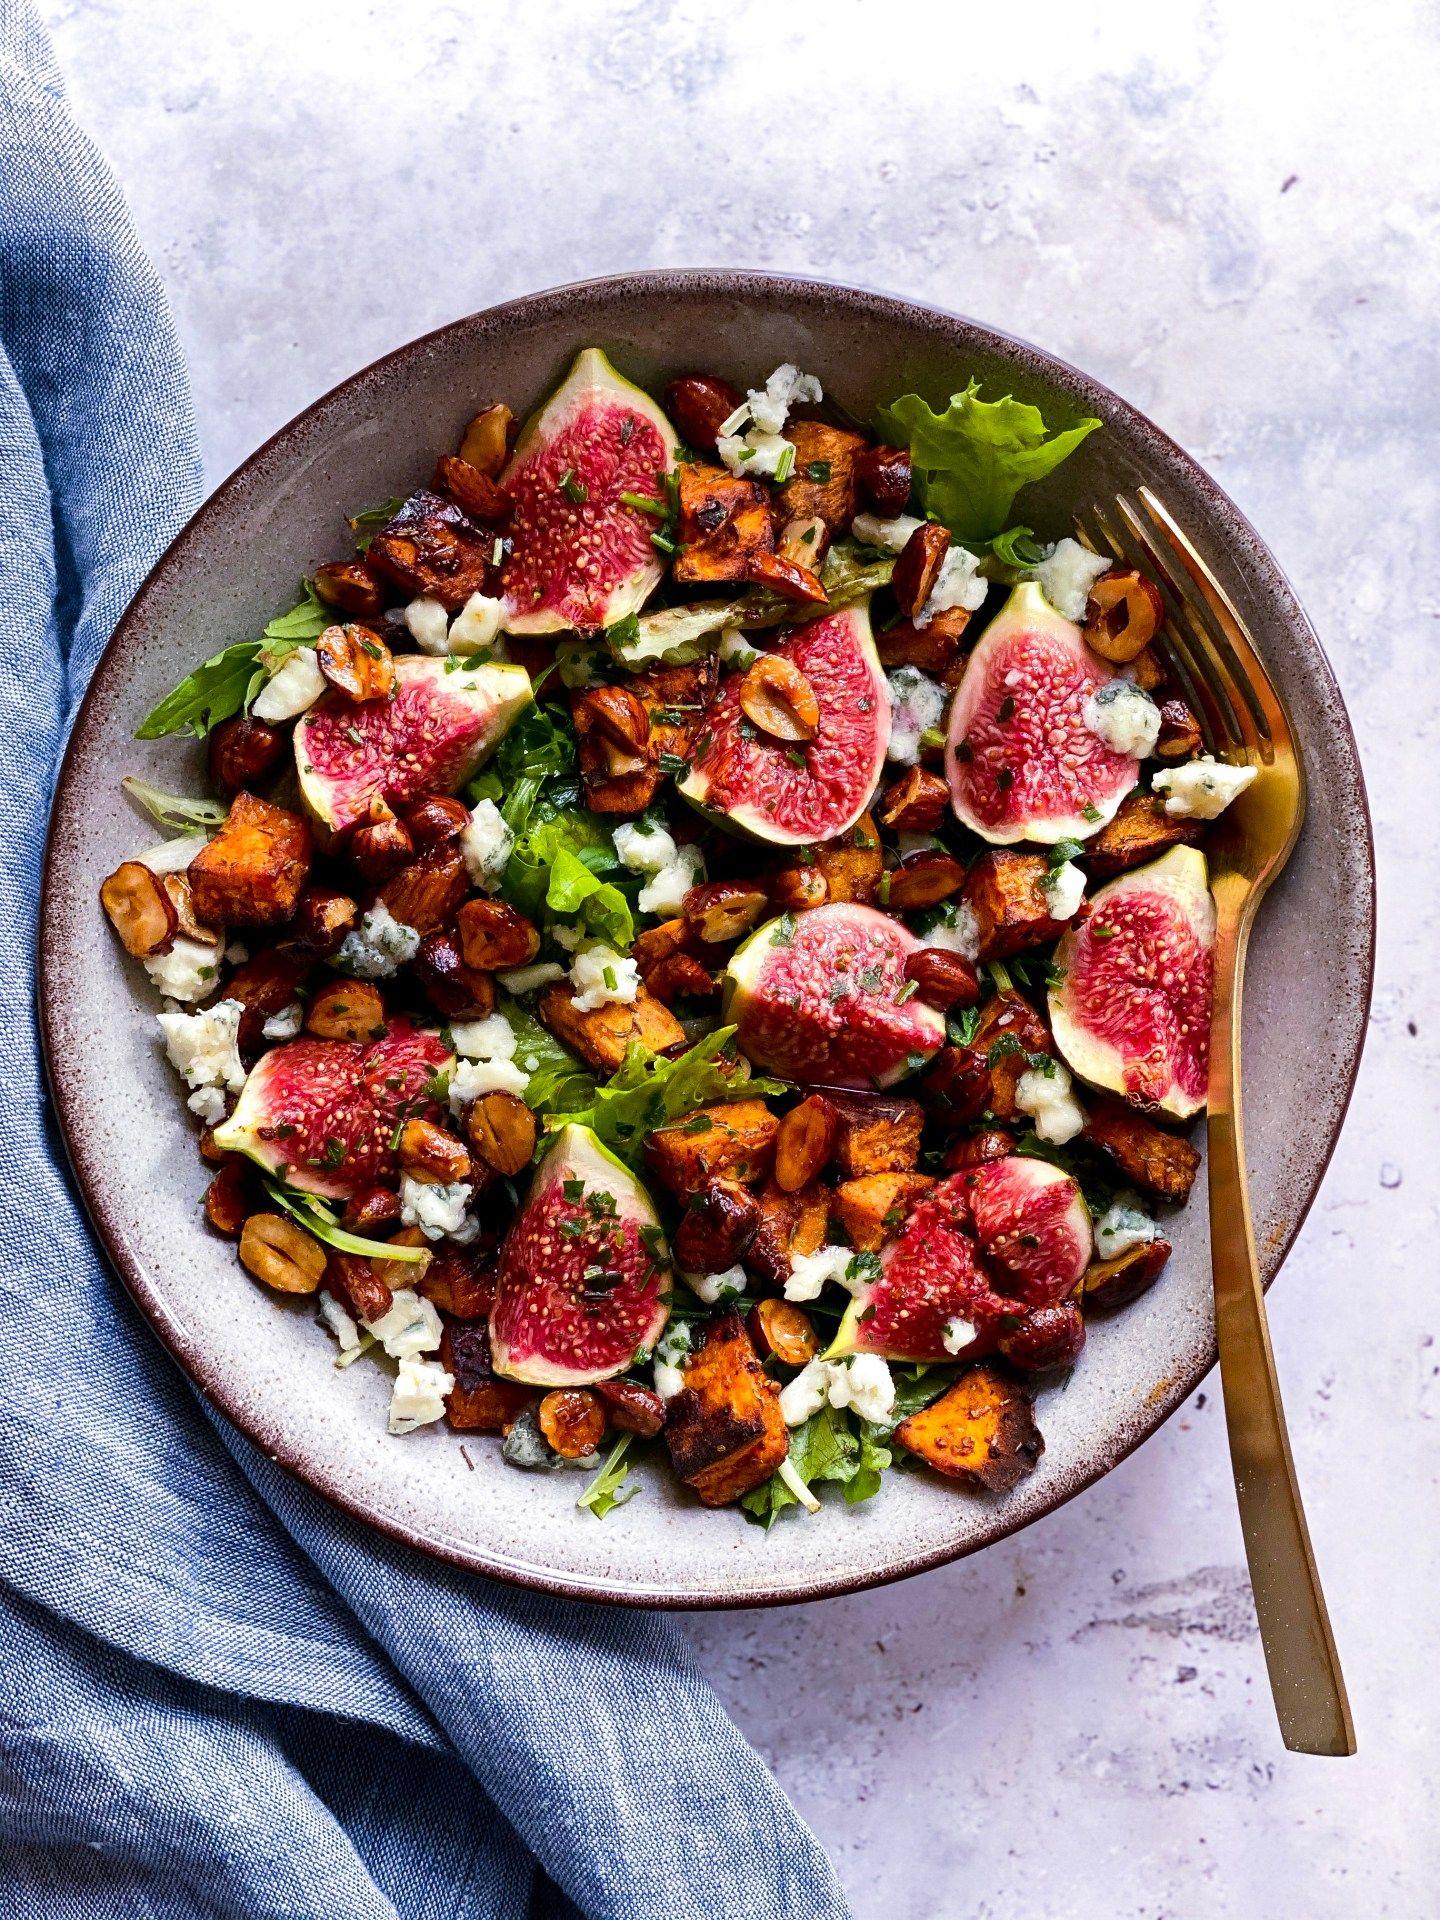 Salade d'automne à la patate douce et figues - Clemfoodie #saladeautomne